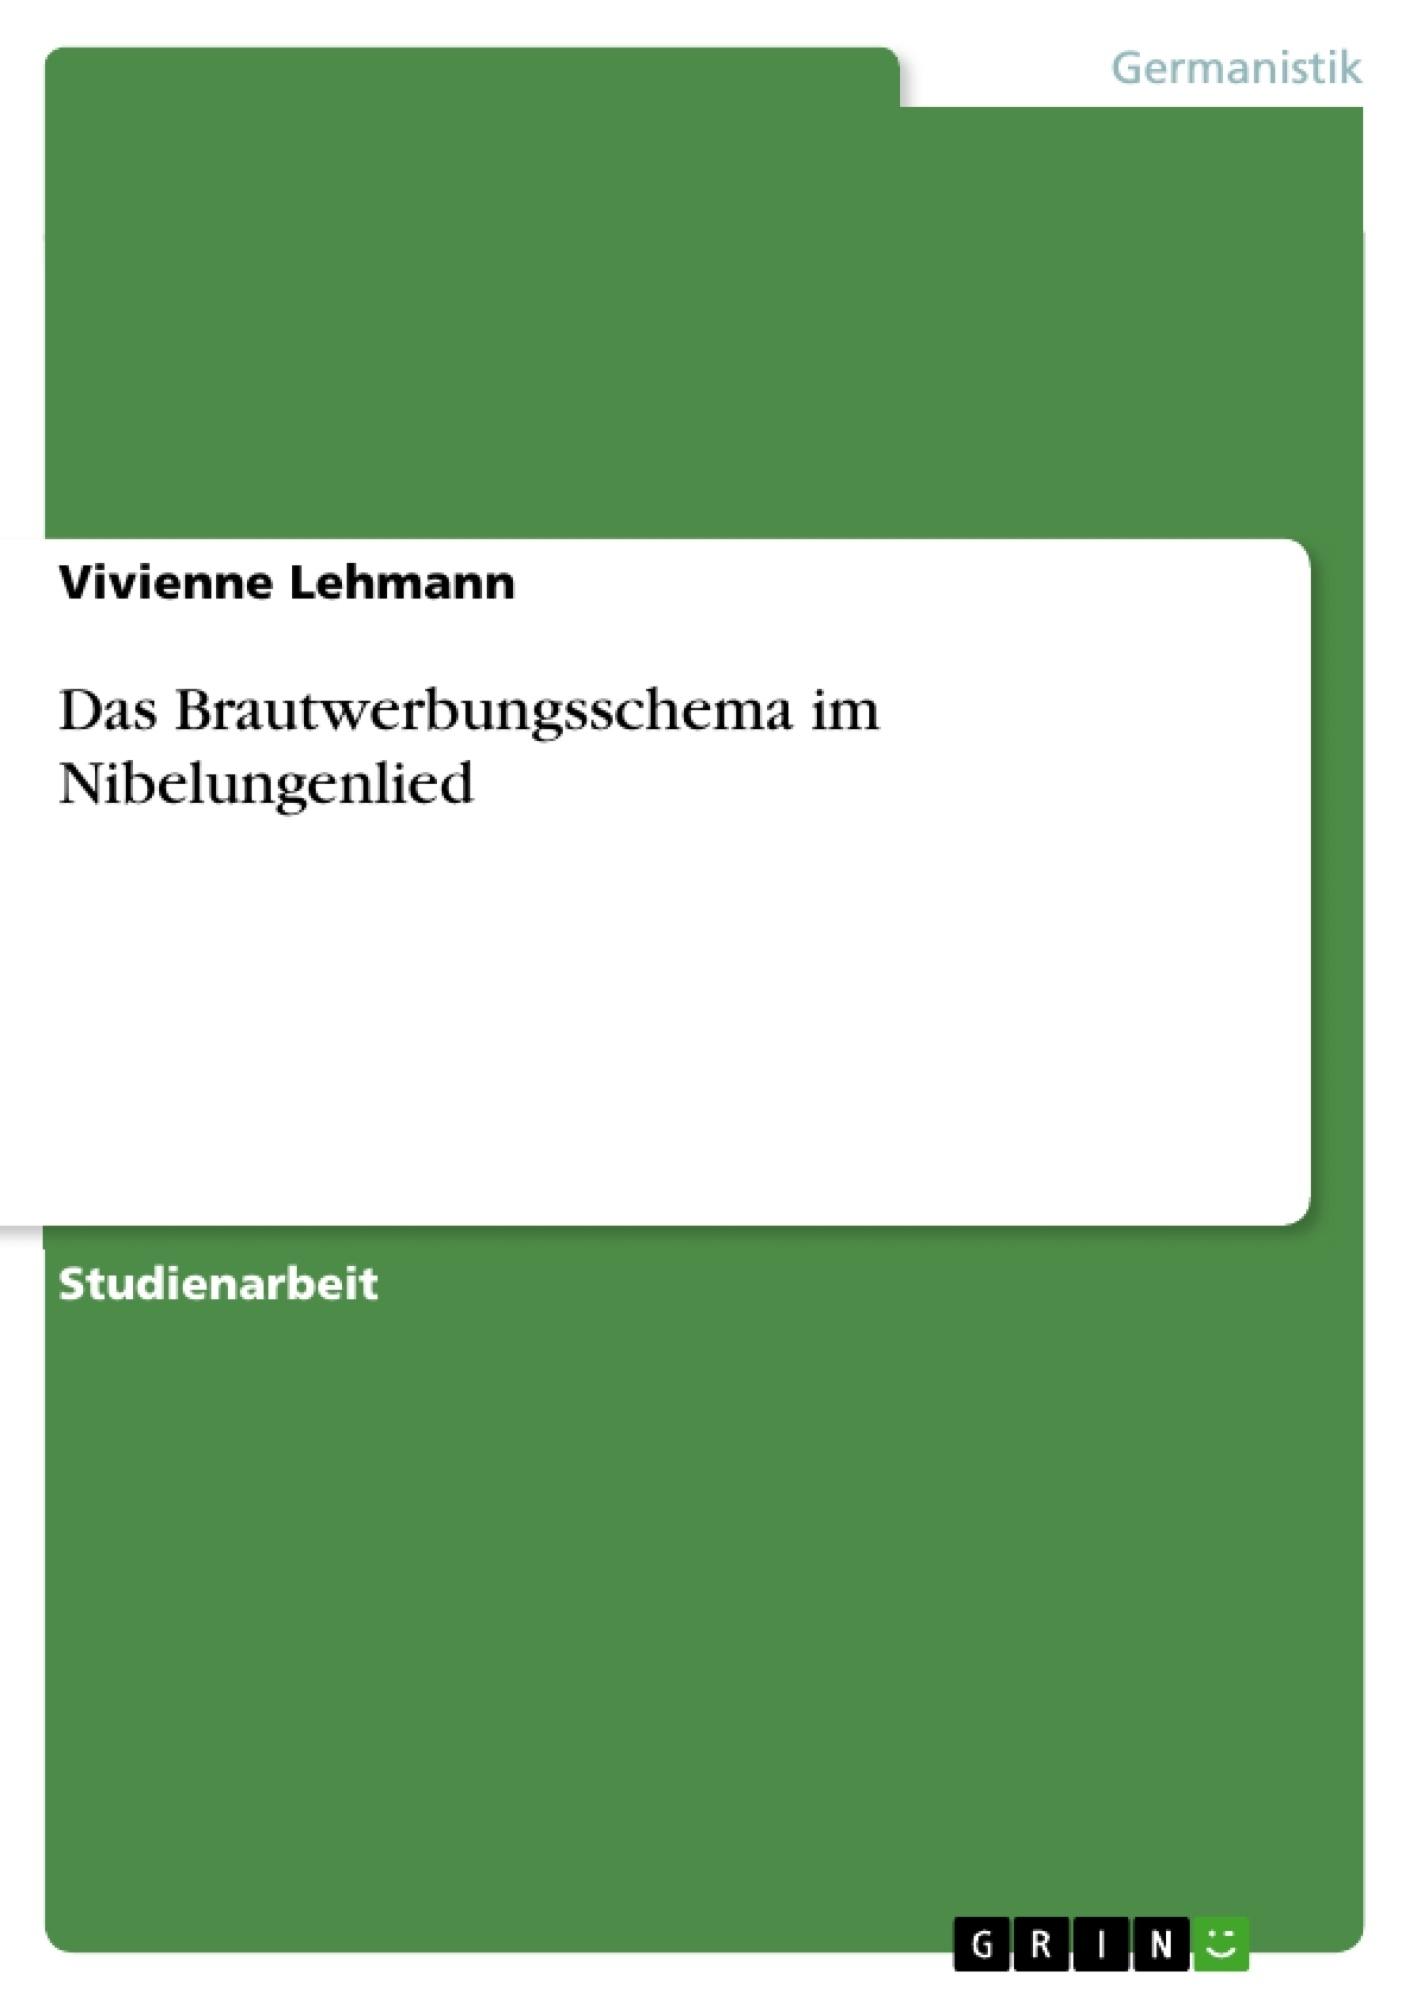 Titel: Das Brautwerbungsschema im Nibelungenlied